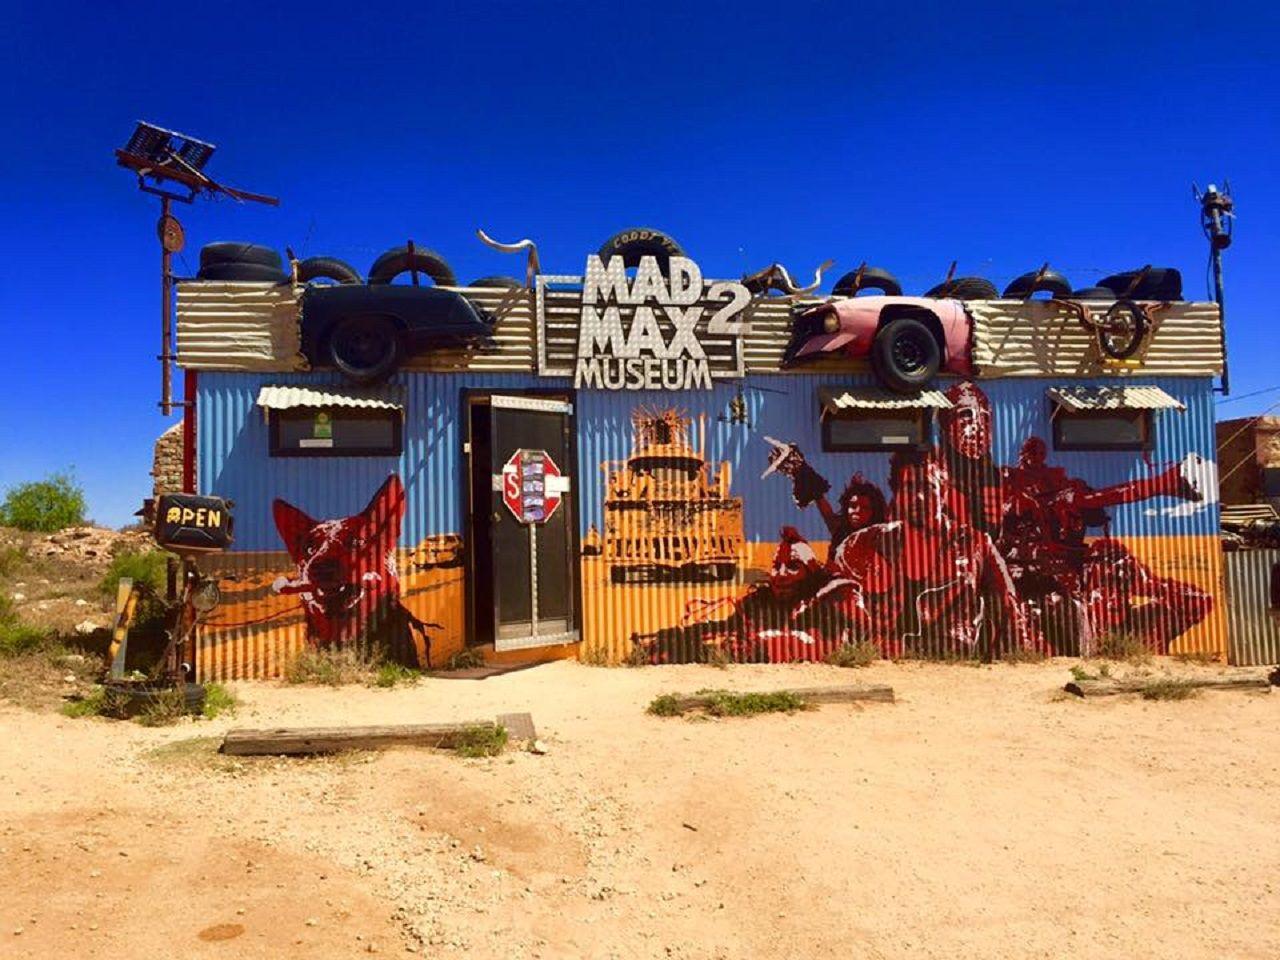 Mad Max Museum in Australia